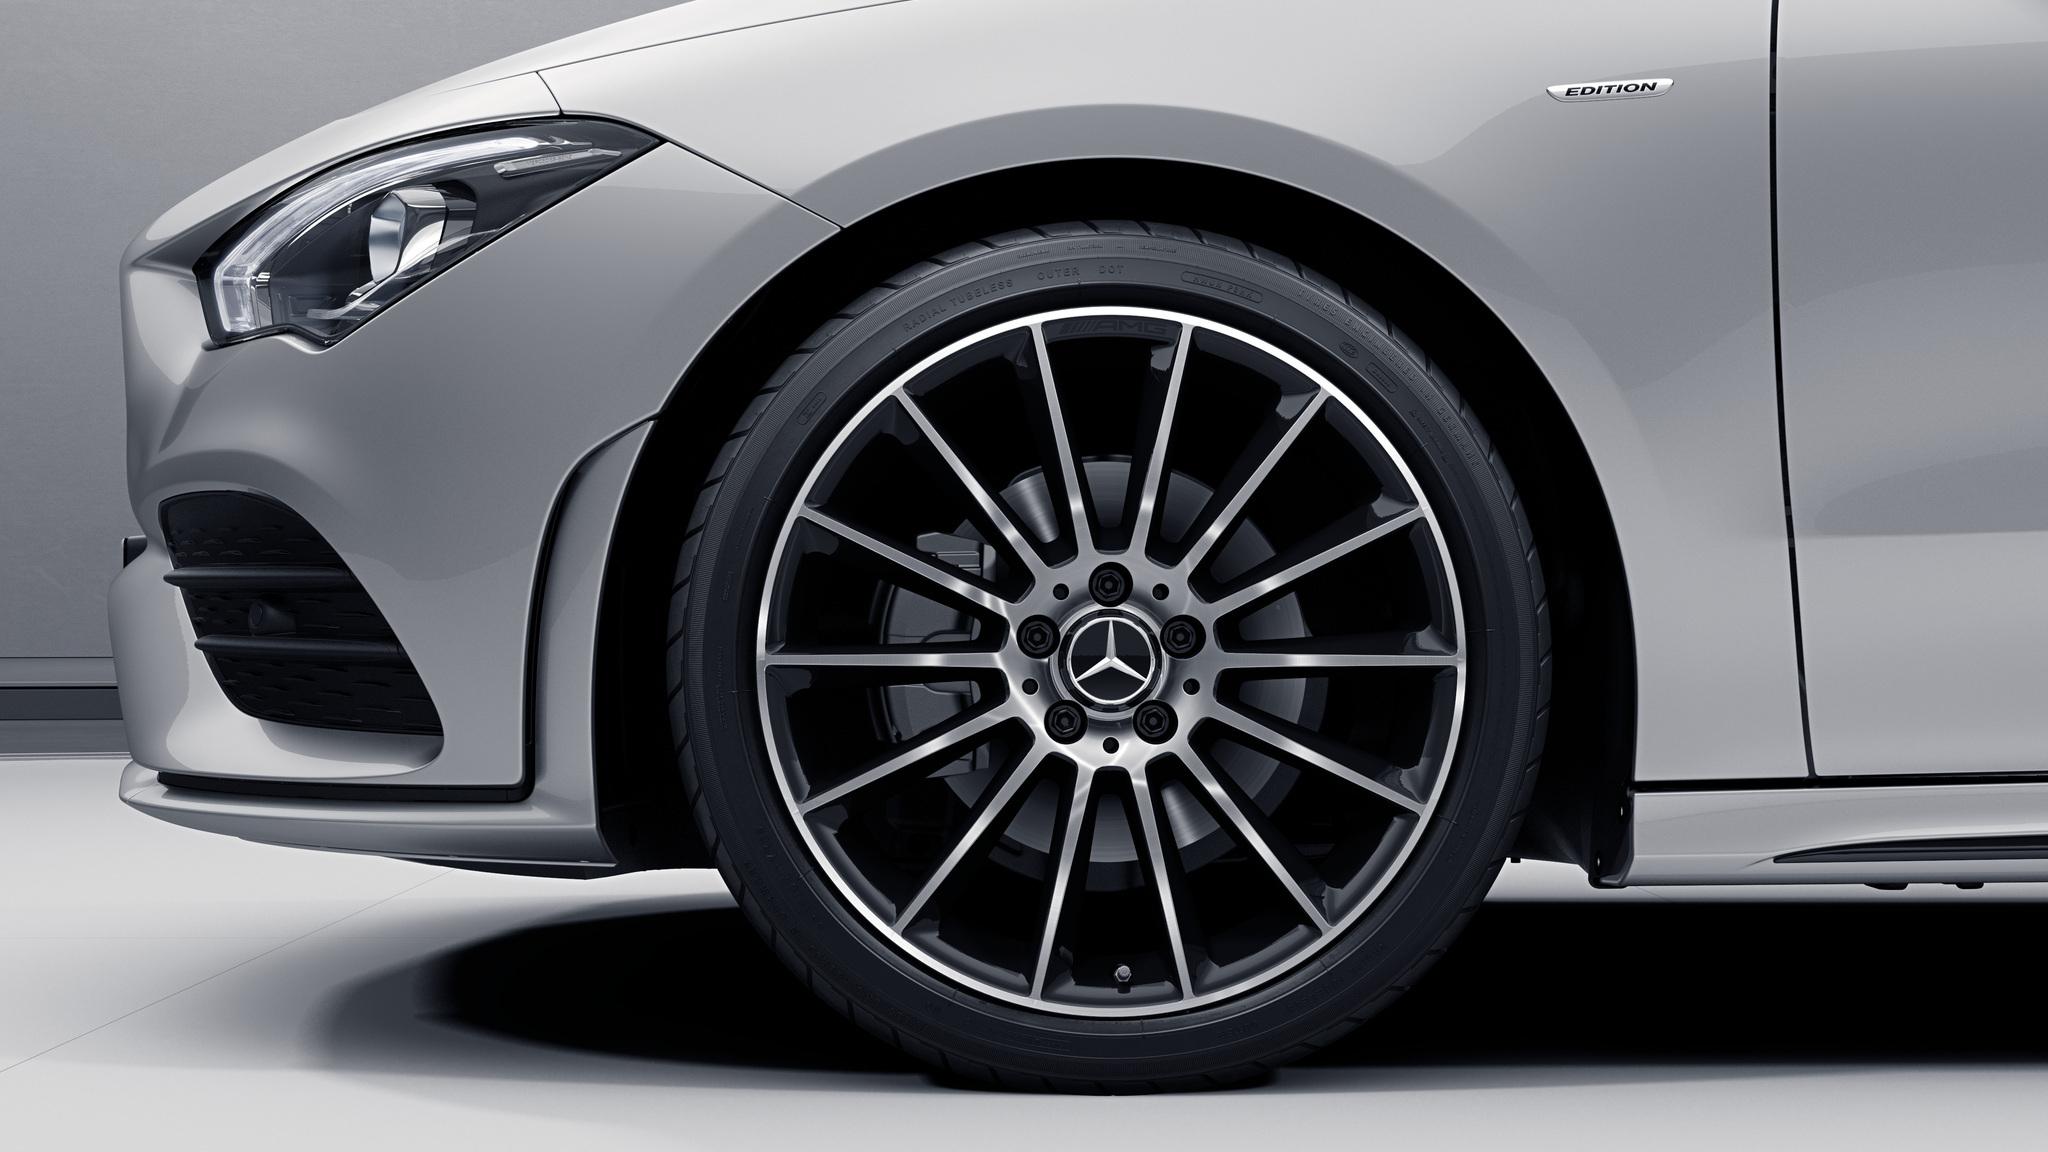 Jantes AMG 19 multibranches de la Mercedes-Benz CLA